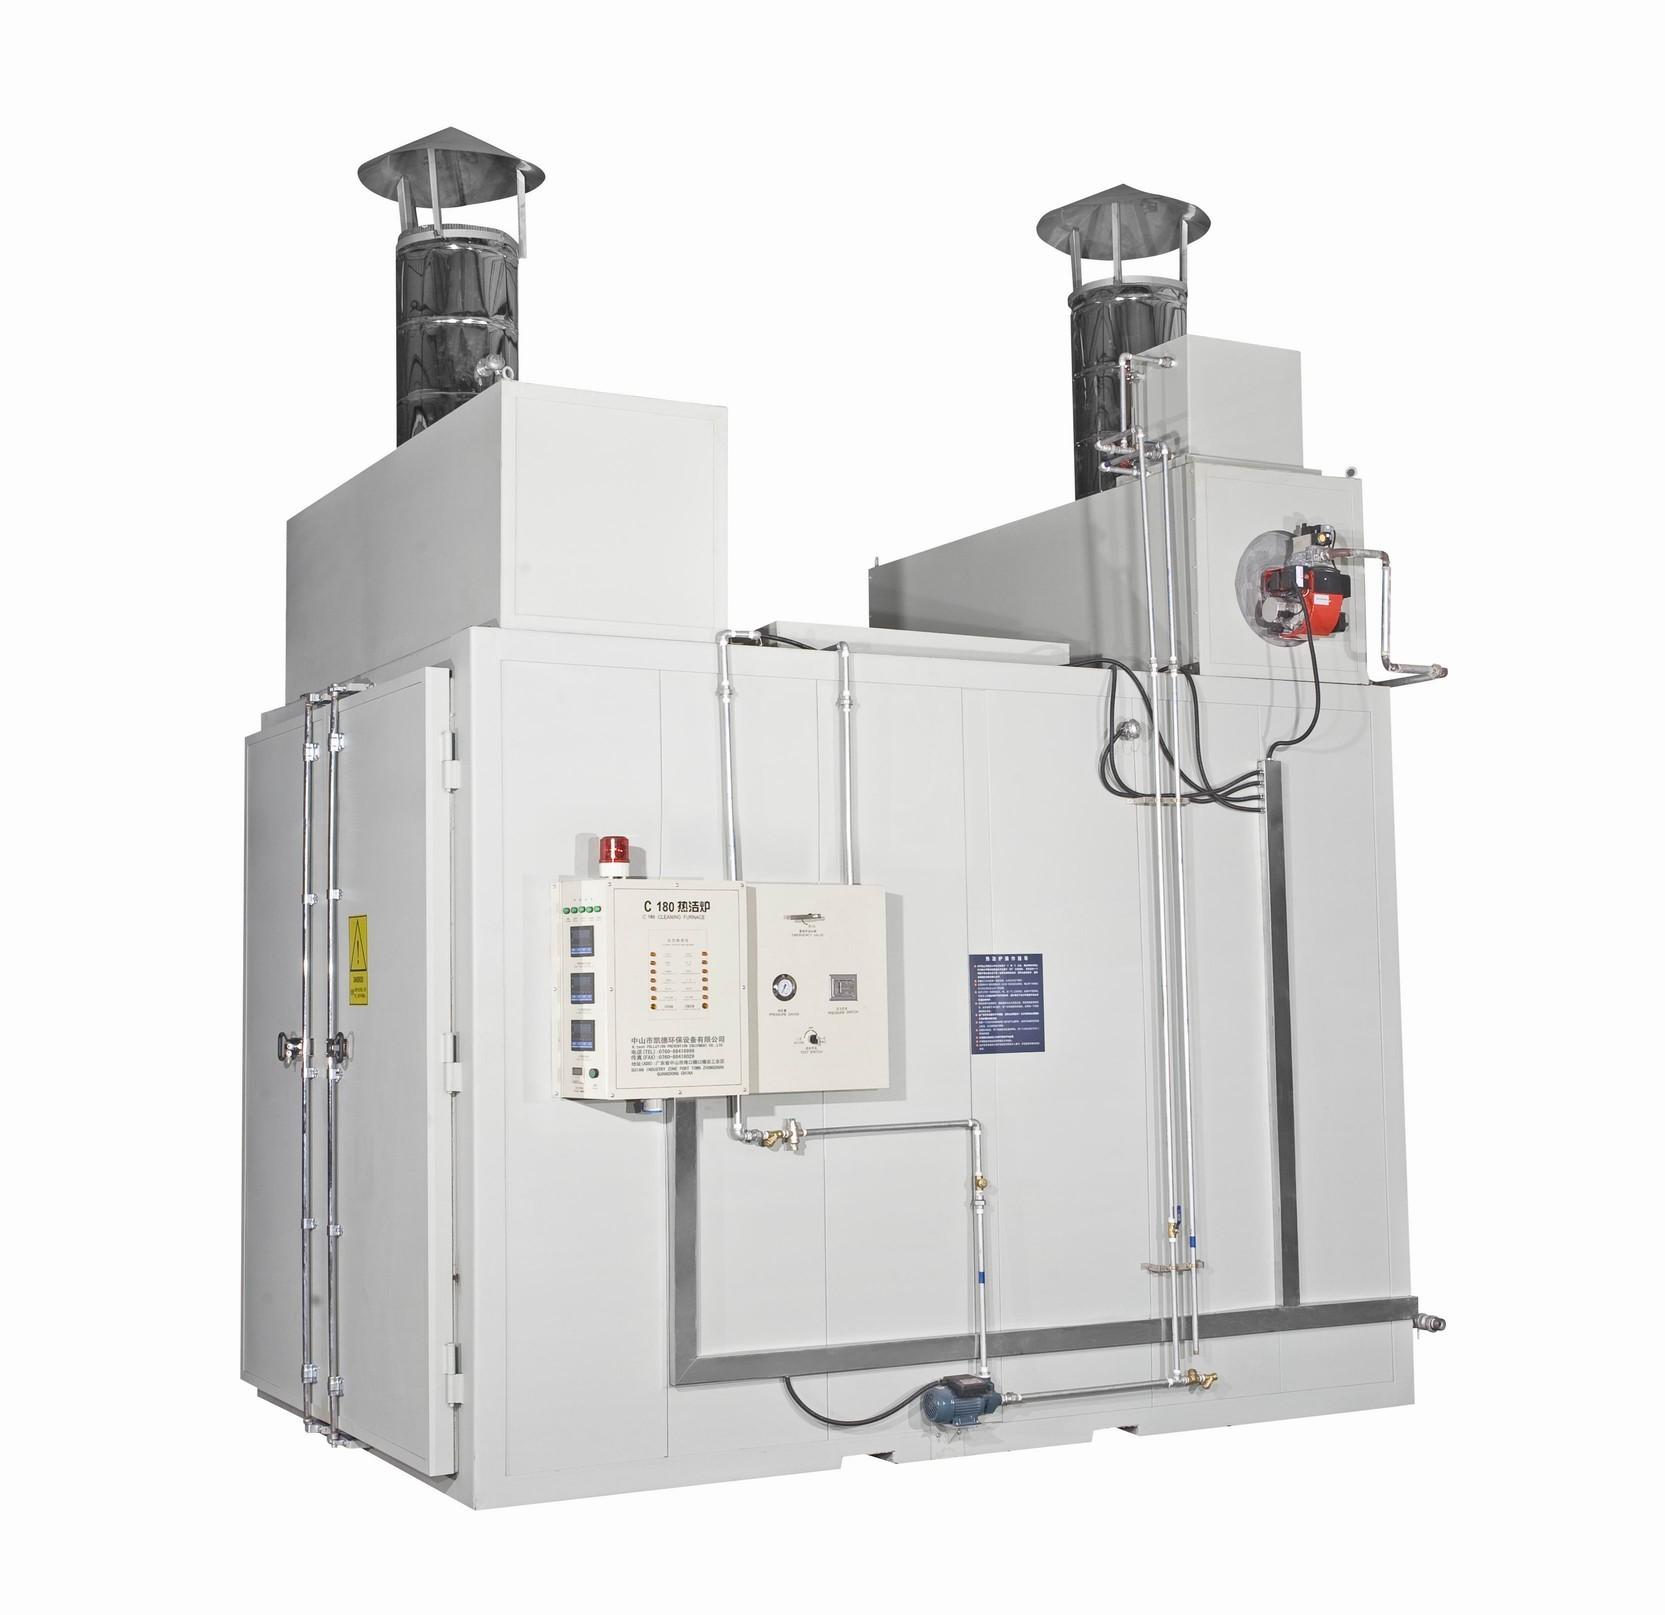 凯德C130型双系统热洁炉